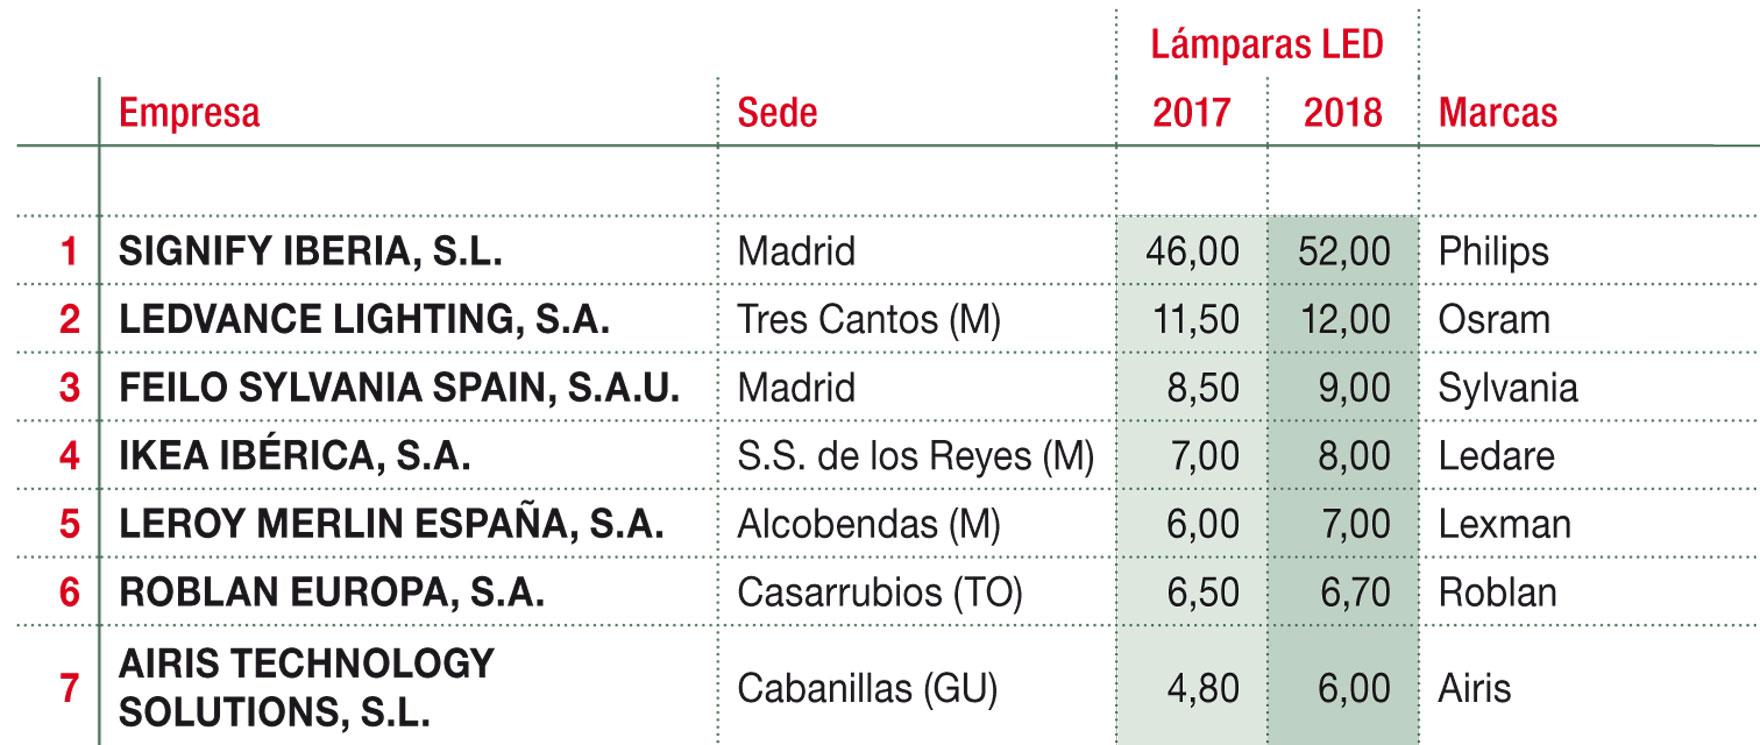 Ventas estimadas por lámparas LED de las principales importadoras para el mercado español (M€)